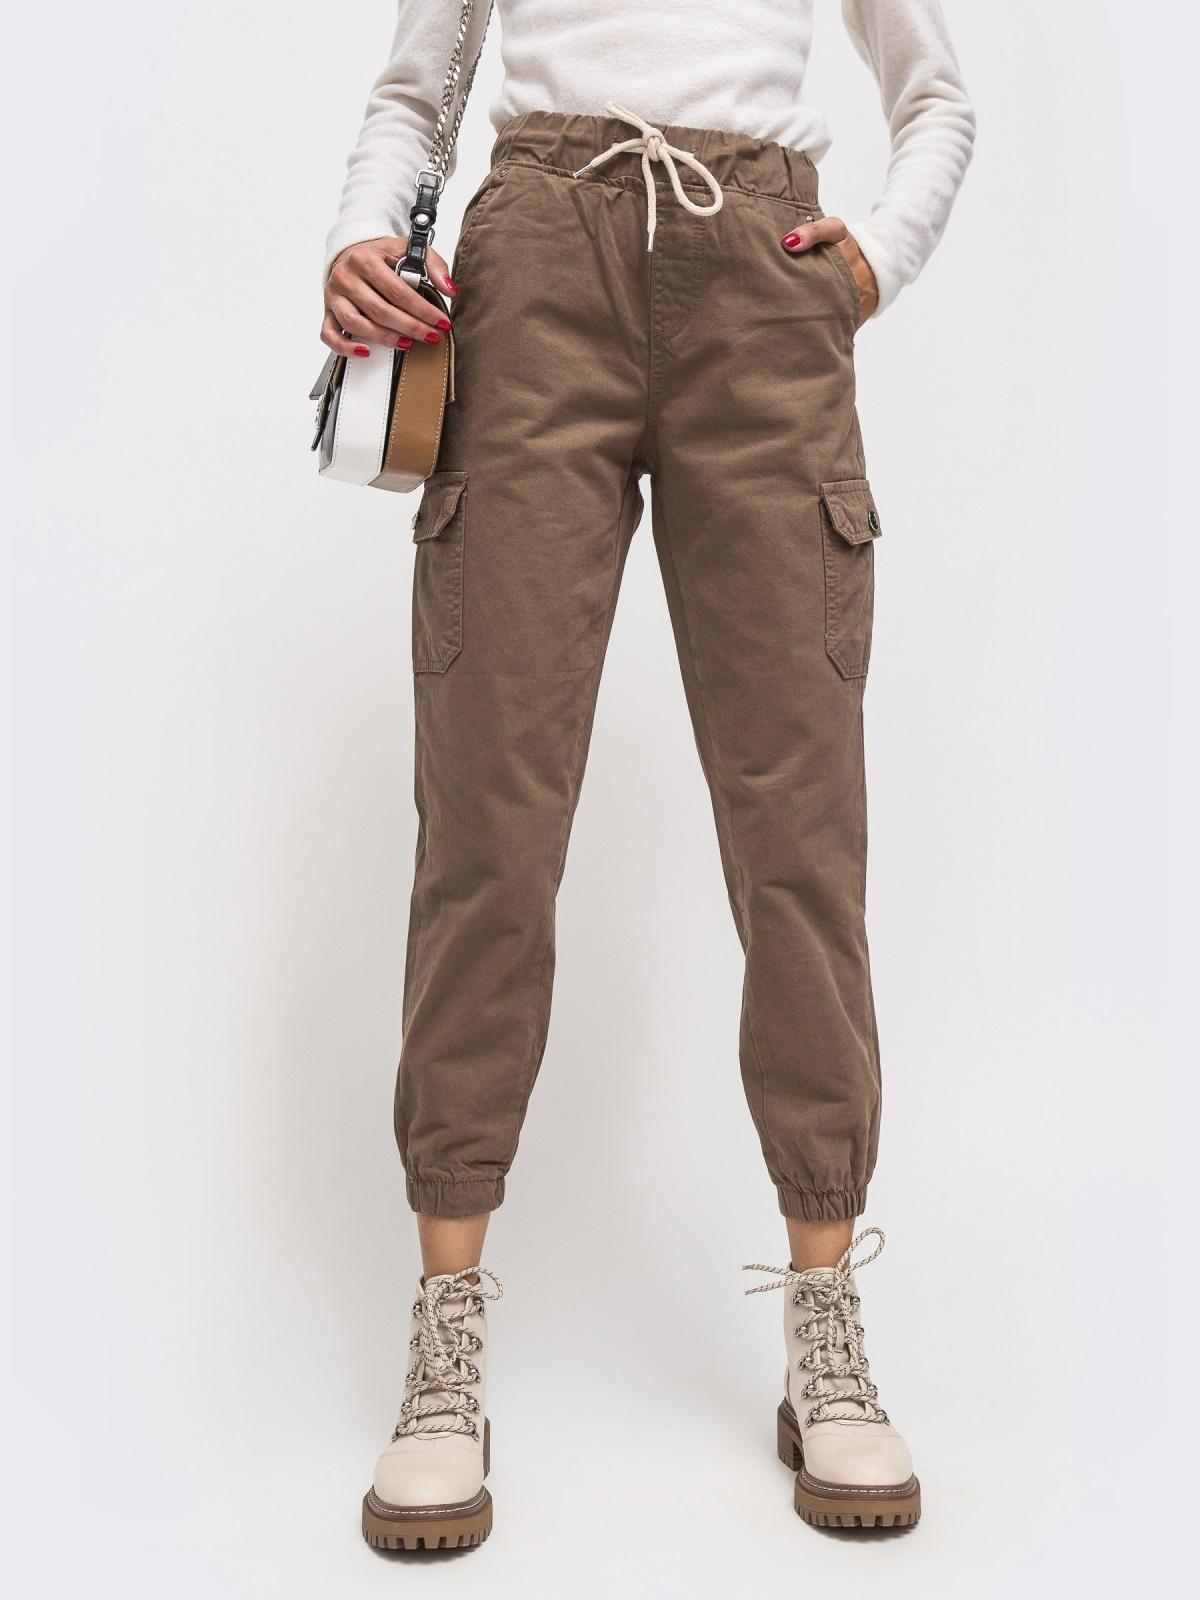 Джинсы-джоггеры с накладными карманами по бокам бежевые - 41925, фото 1 – интернет-магазин Dressa